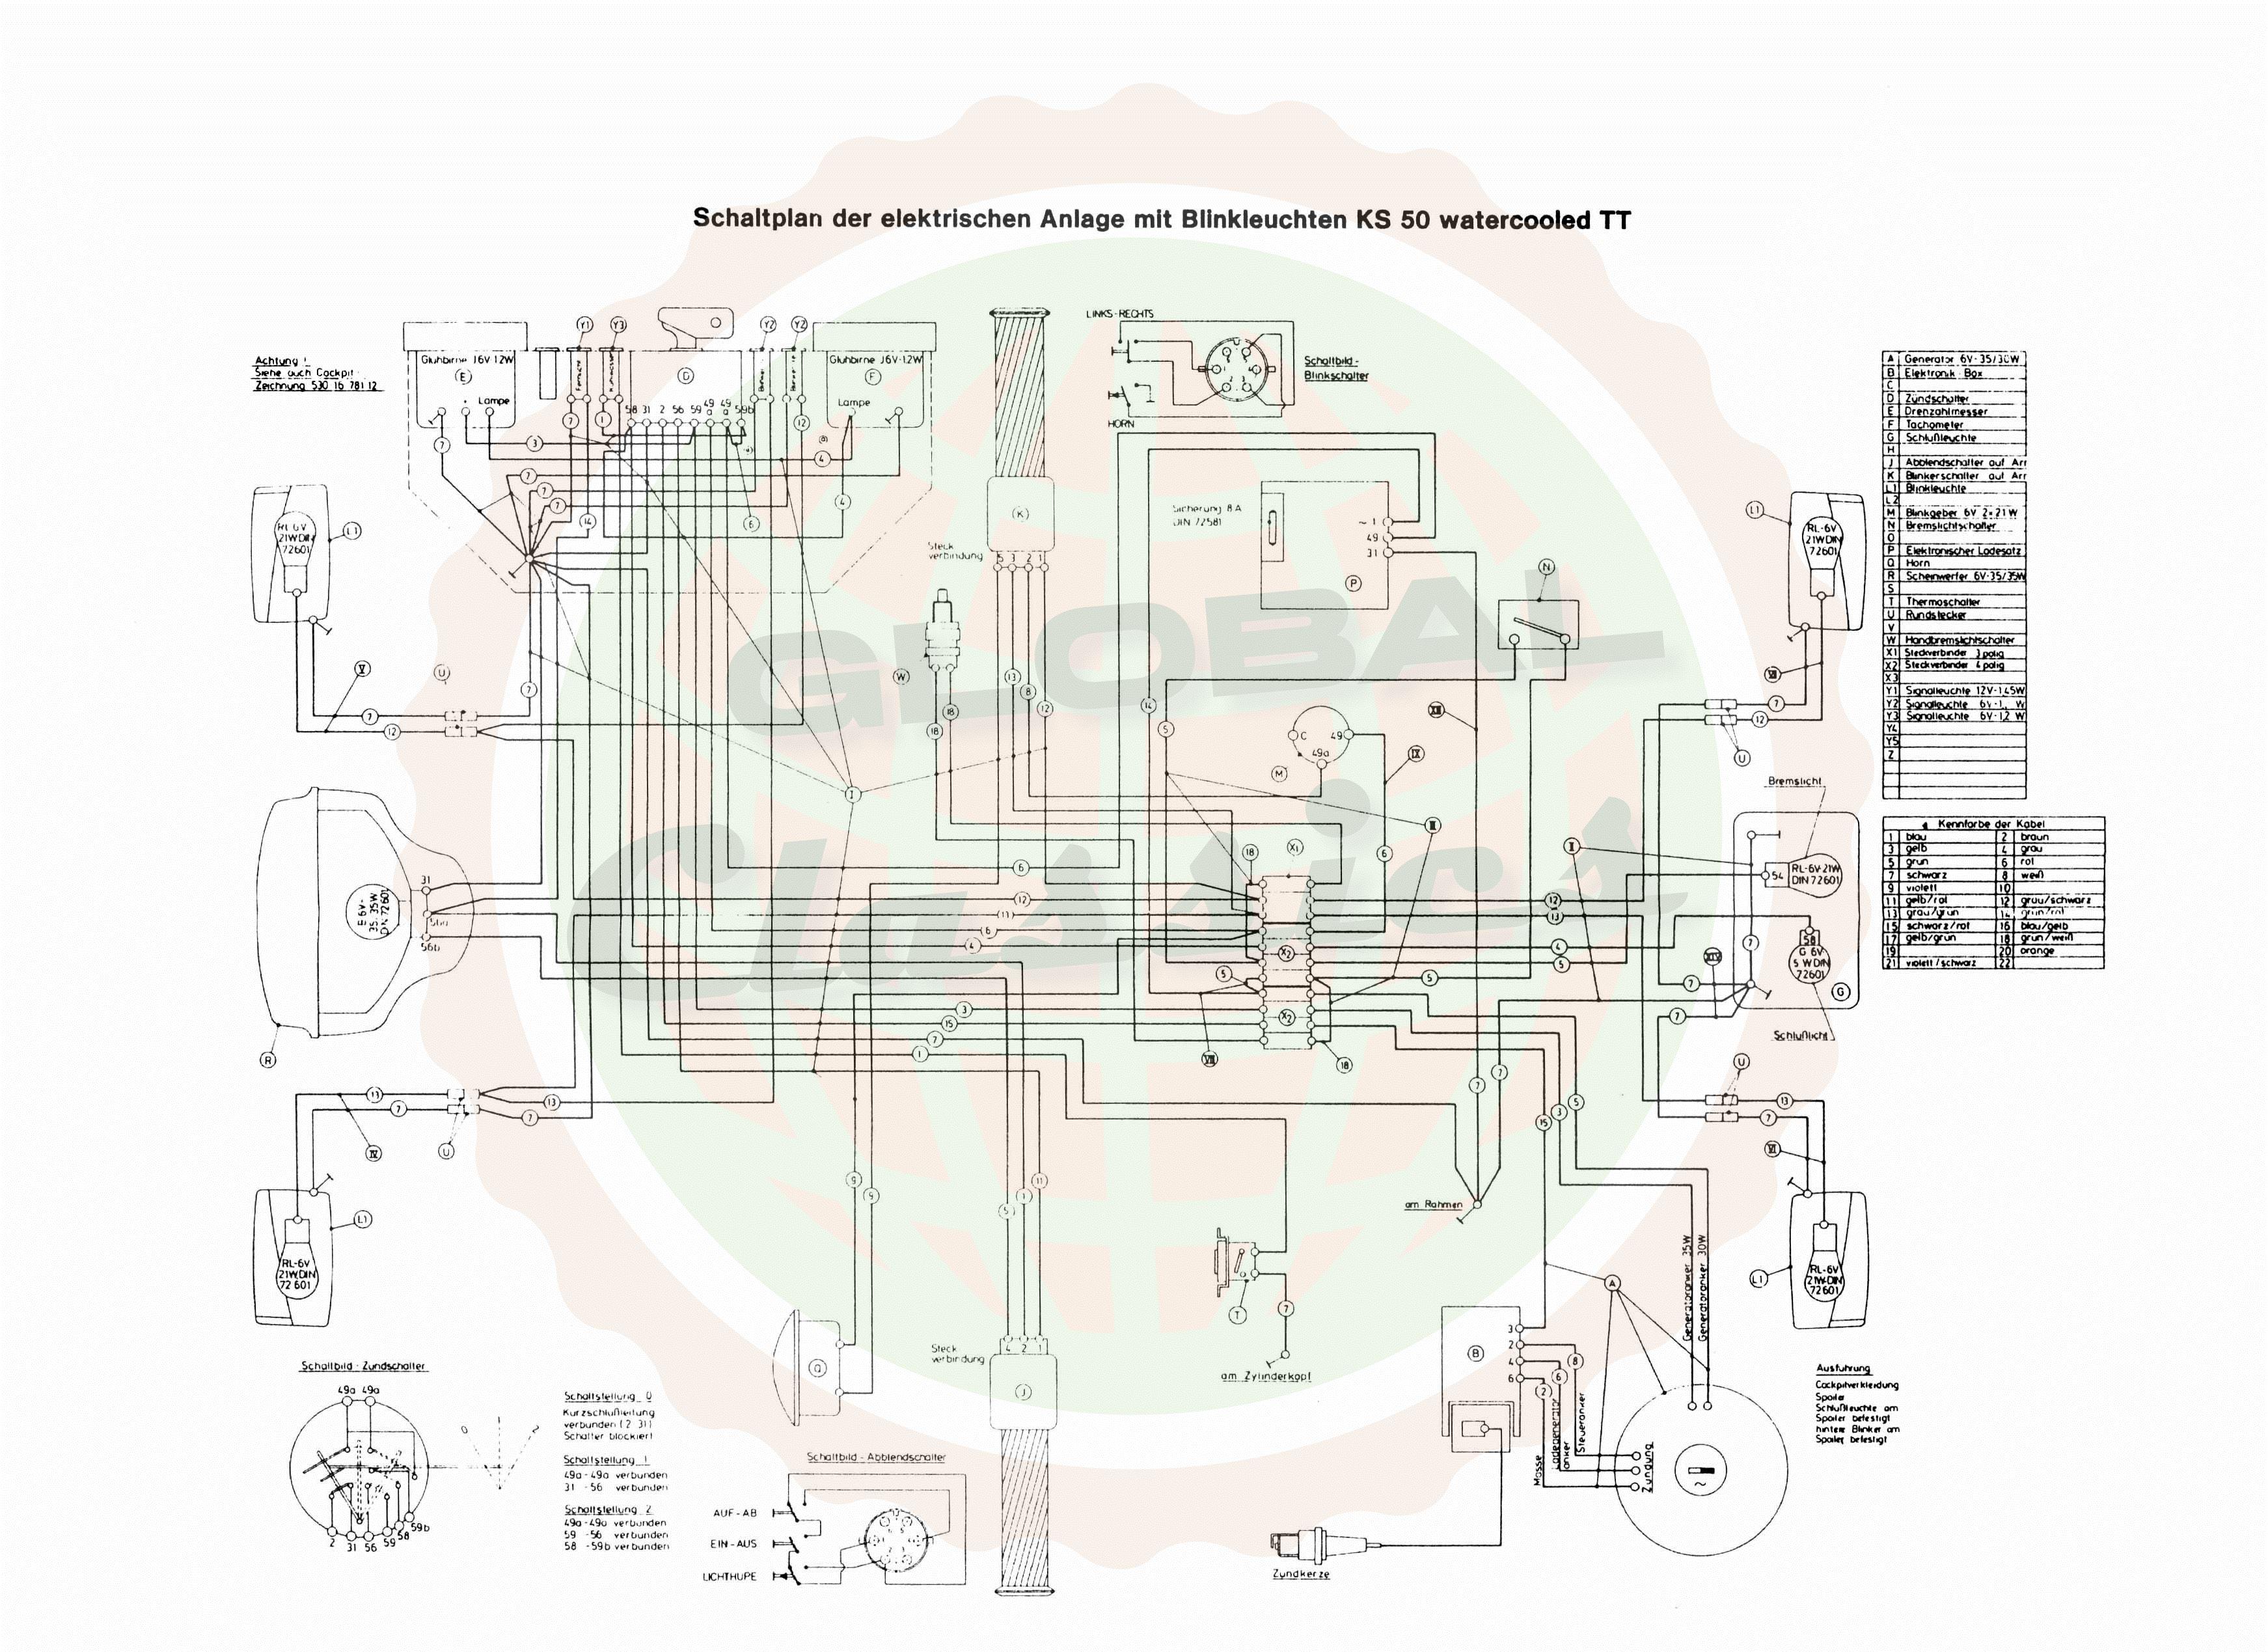 Schön Elektrischer Schaltplan Für Den Hausgebrauch Ideen - Der ...